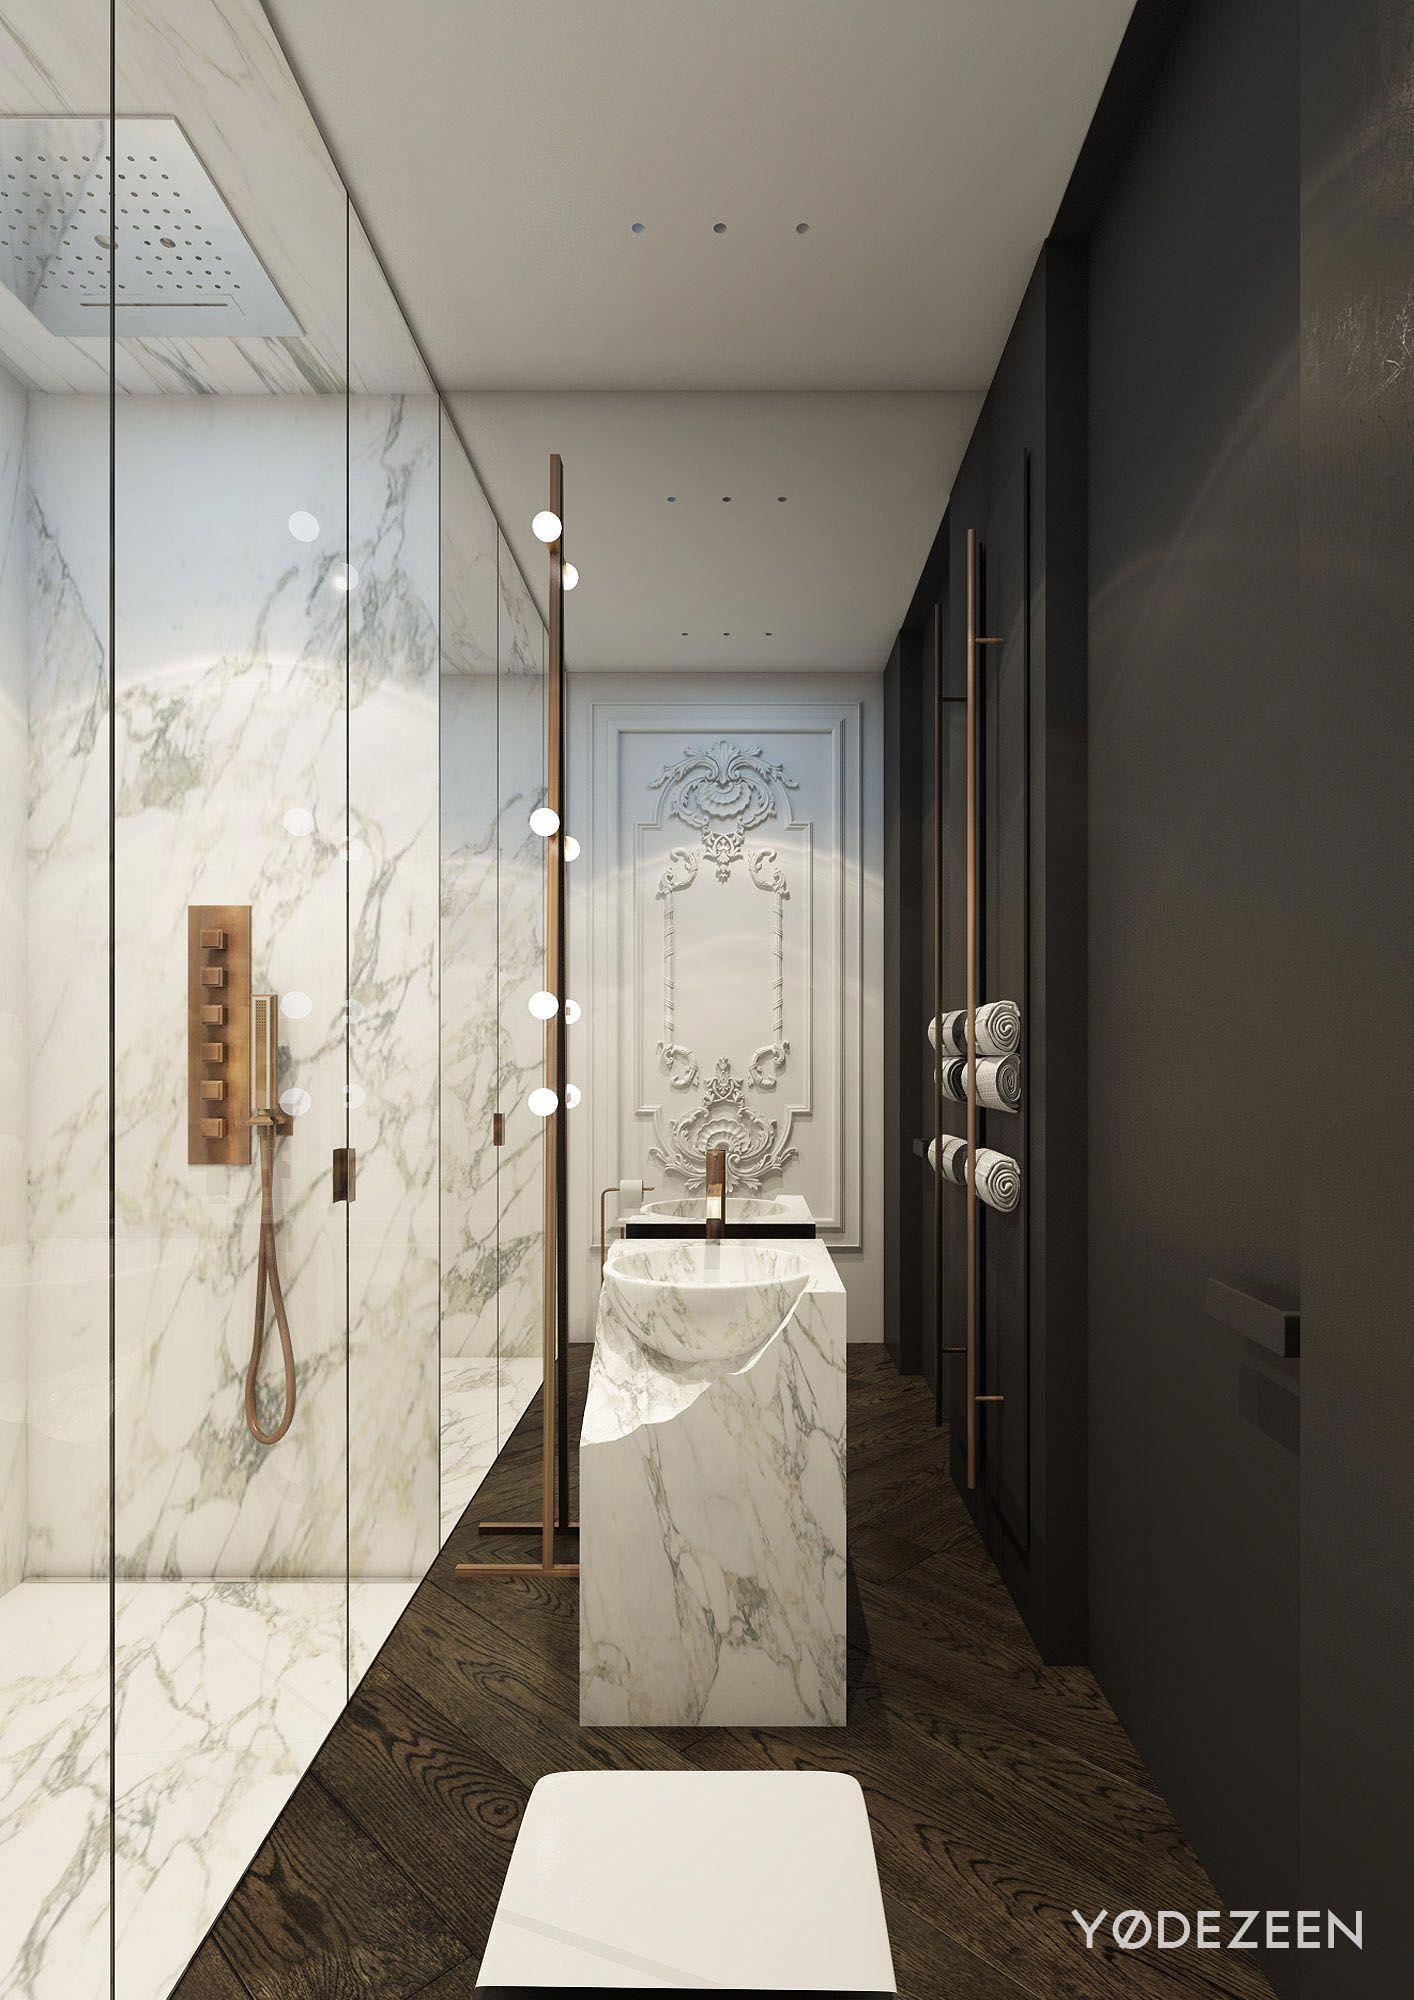 Luxurybathroomsandbaths Salle De Bain Design Idee Salle De Bain Decoration Interieure Luxe